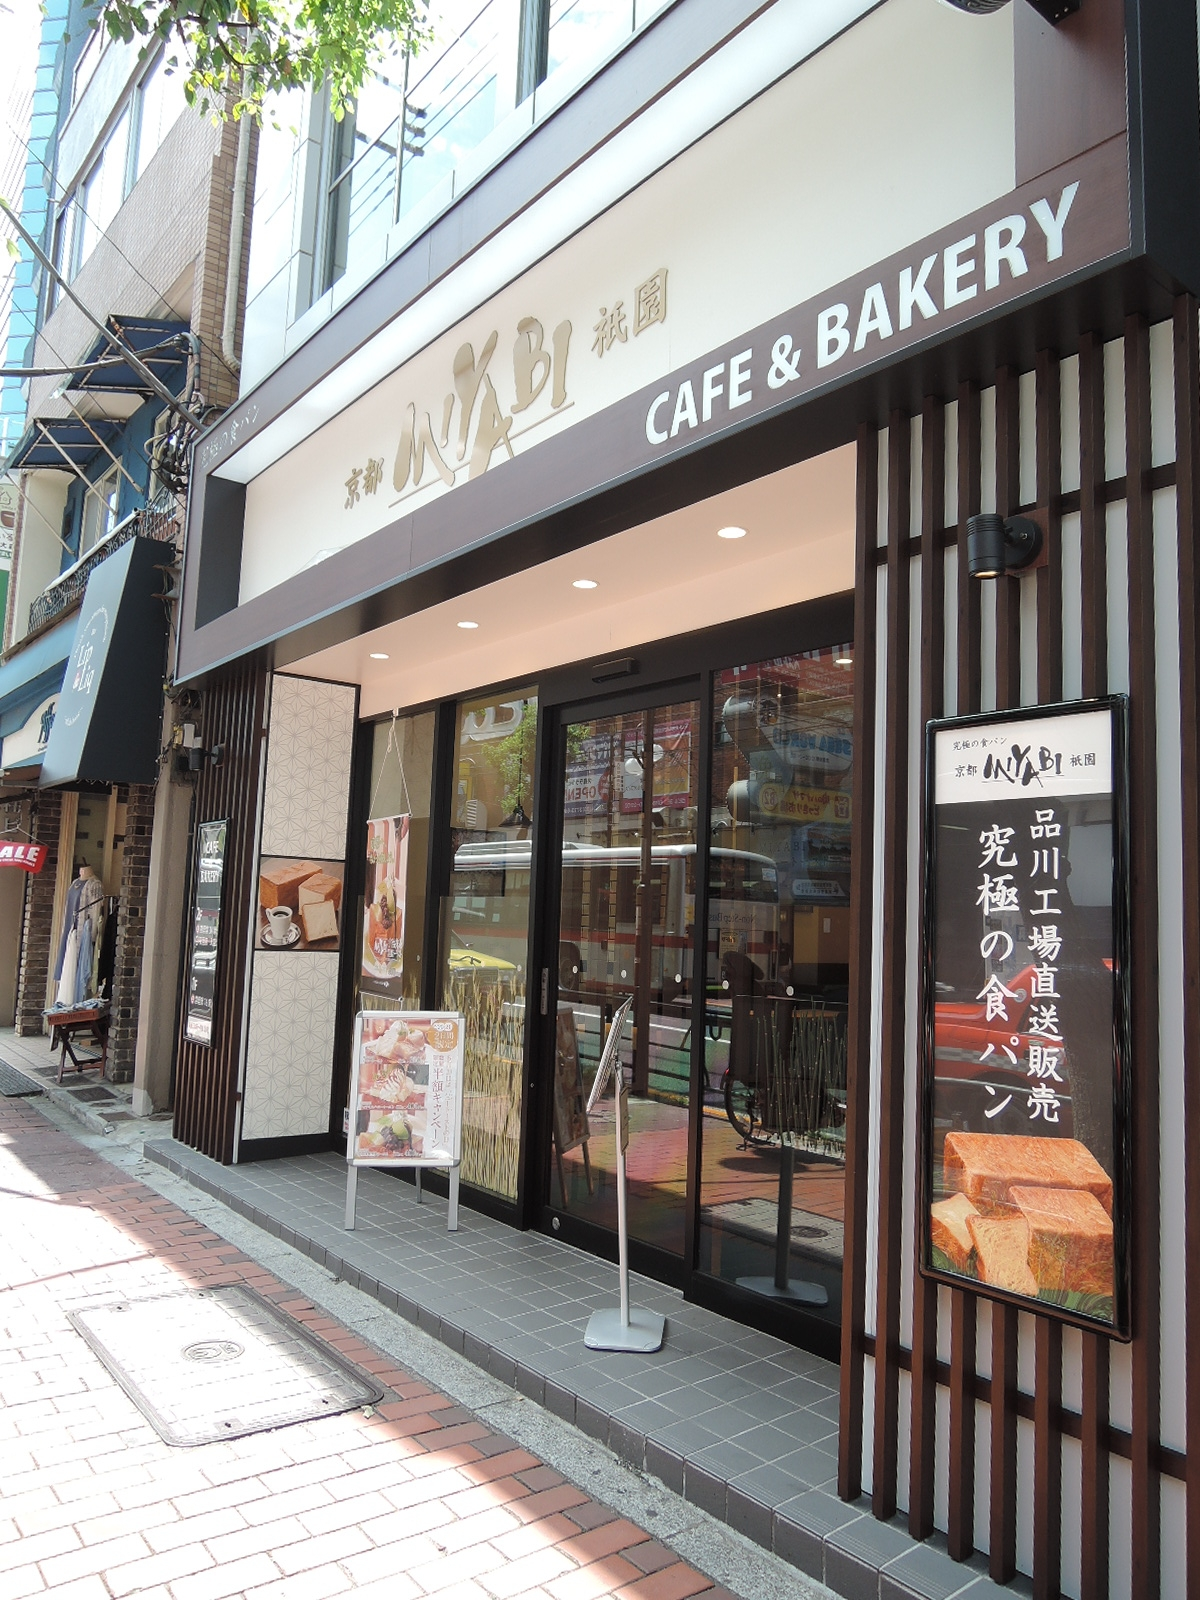 商店街のイートイン出来るパン屋さん(西口)